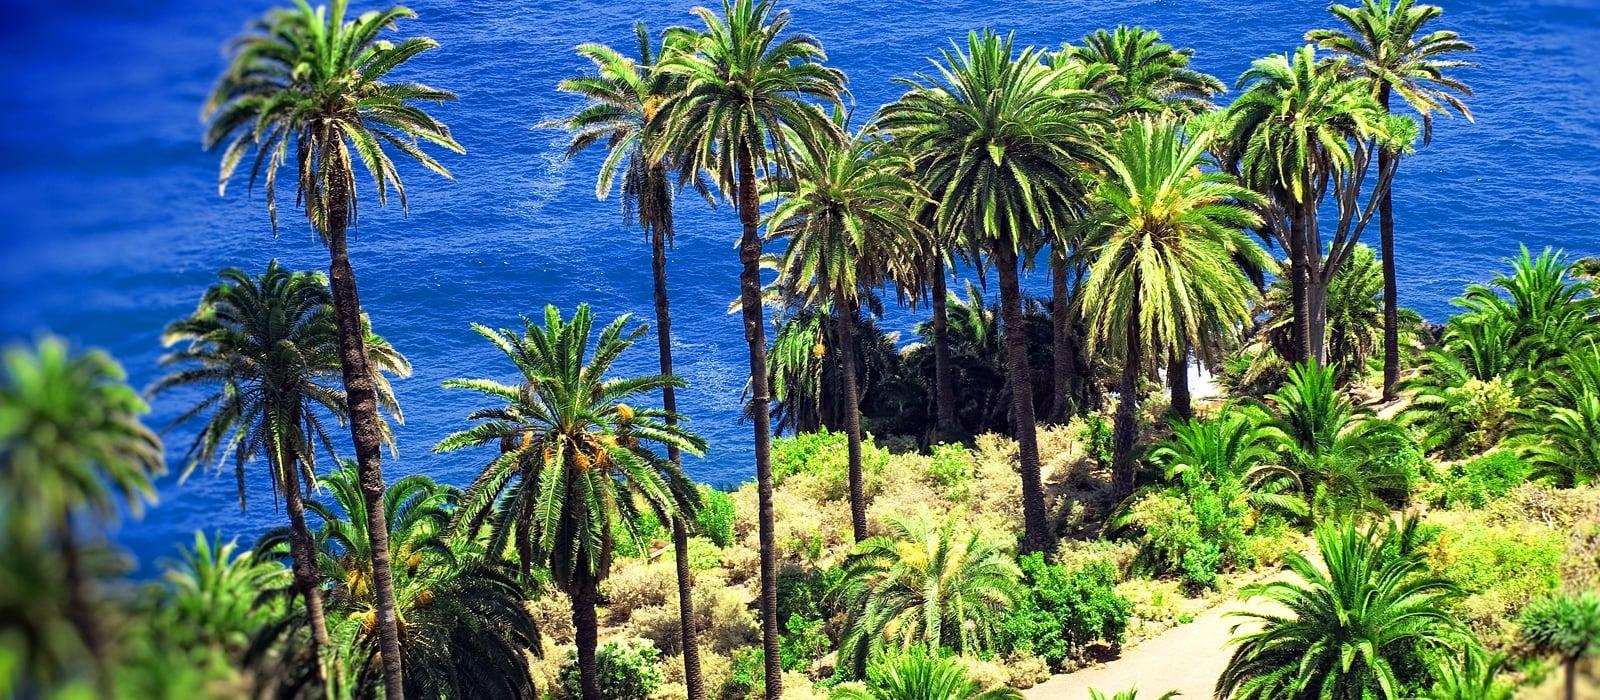 Hôtels à Tenerife - Vincci Hoteles